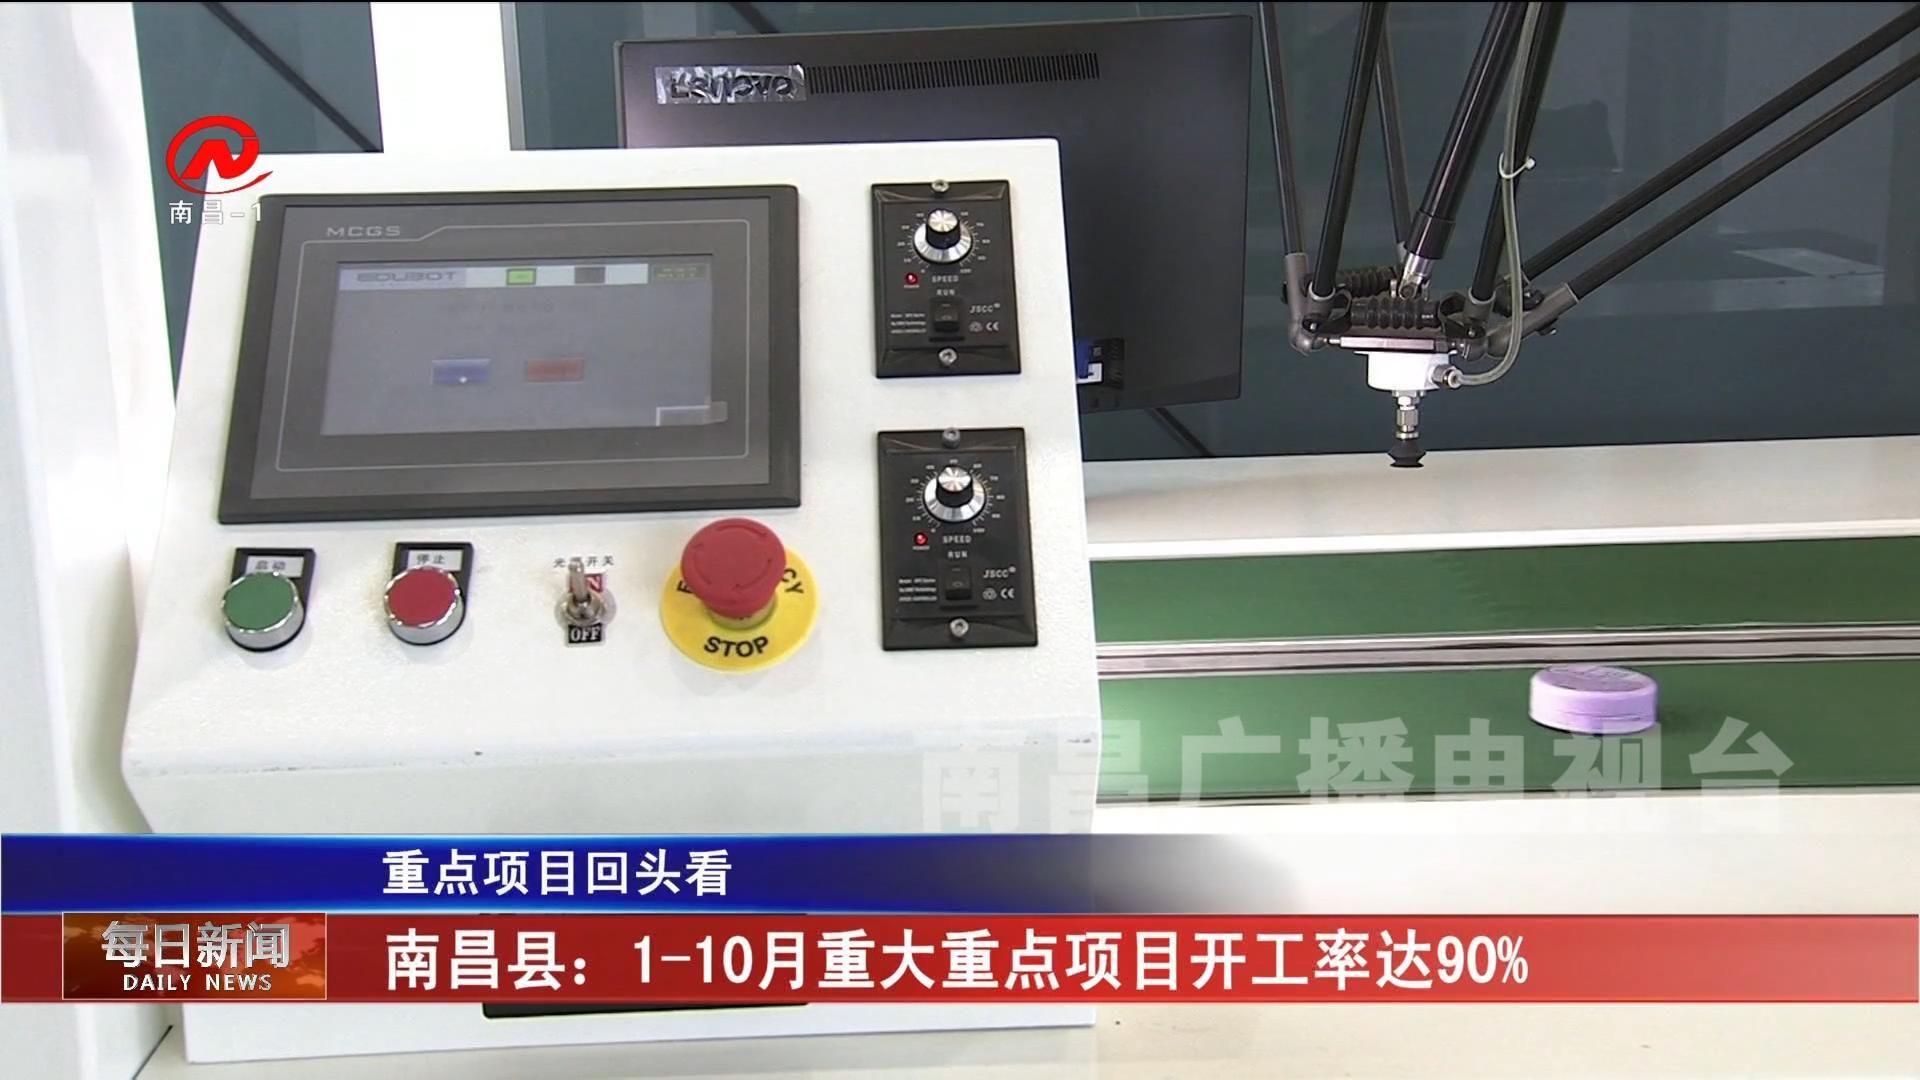 南昌县:1-10月重大重点项目开工率达90%